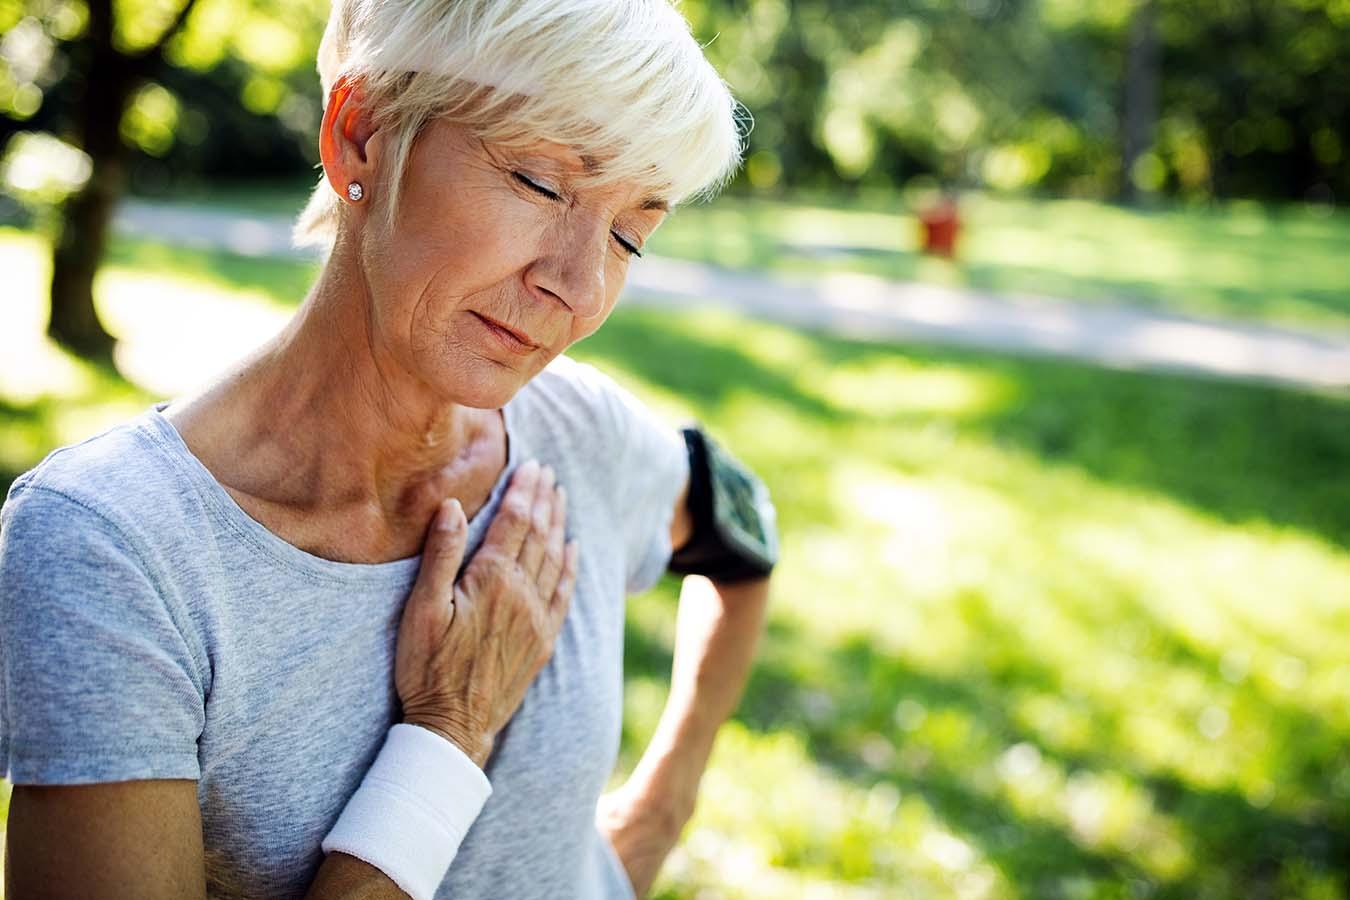 naprawa ukladu krazenia trzydniowa rozpiska posilkow dla osob cierpiacych na choroby ukladu krazenia